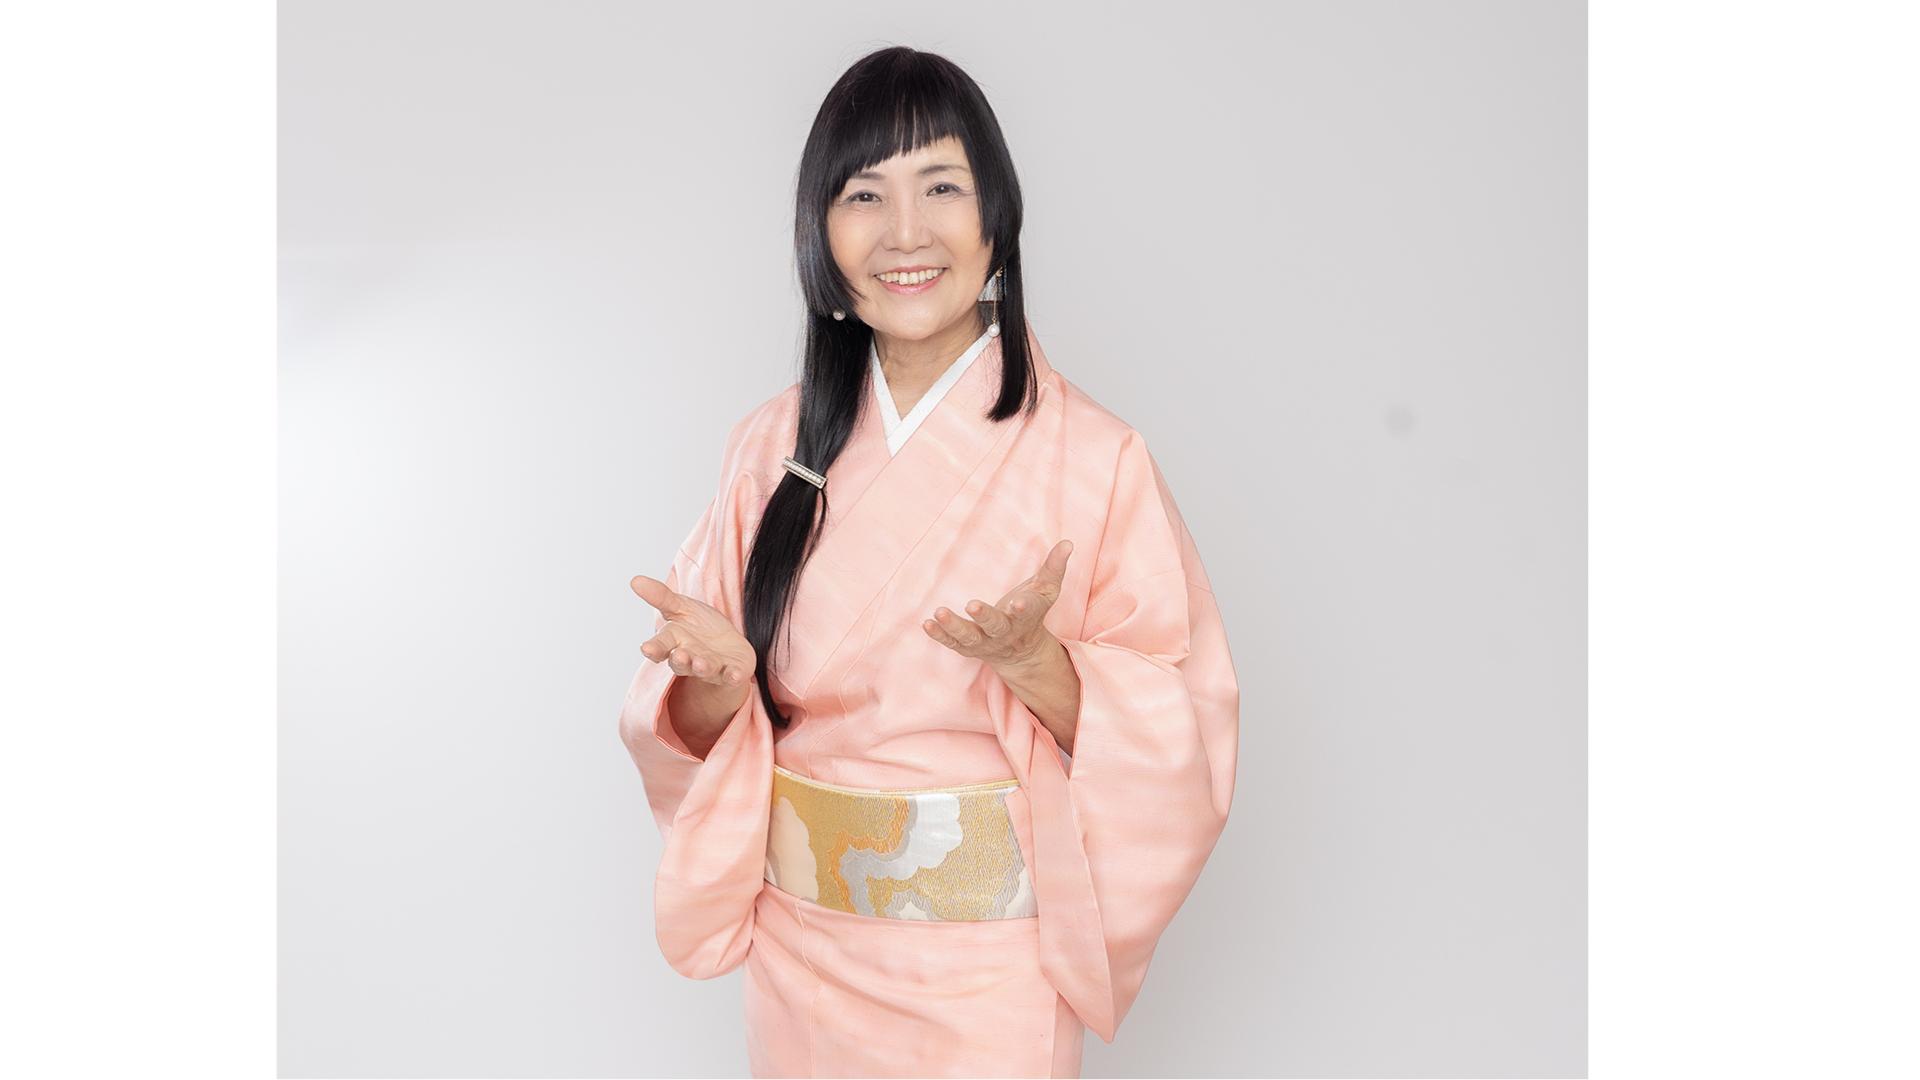 フウ未来生活研究所CEO/未来食つぶつぶ創始者 大谷ゆみこ